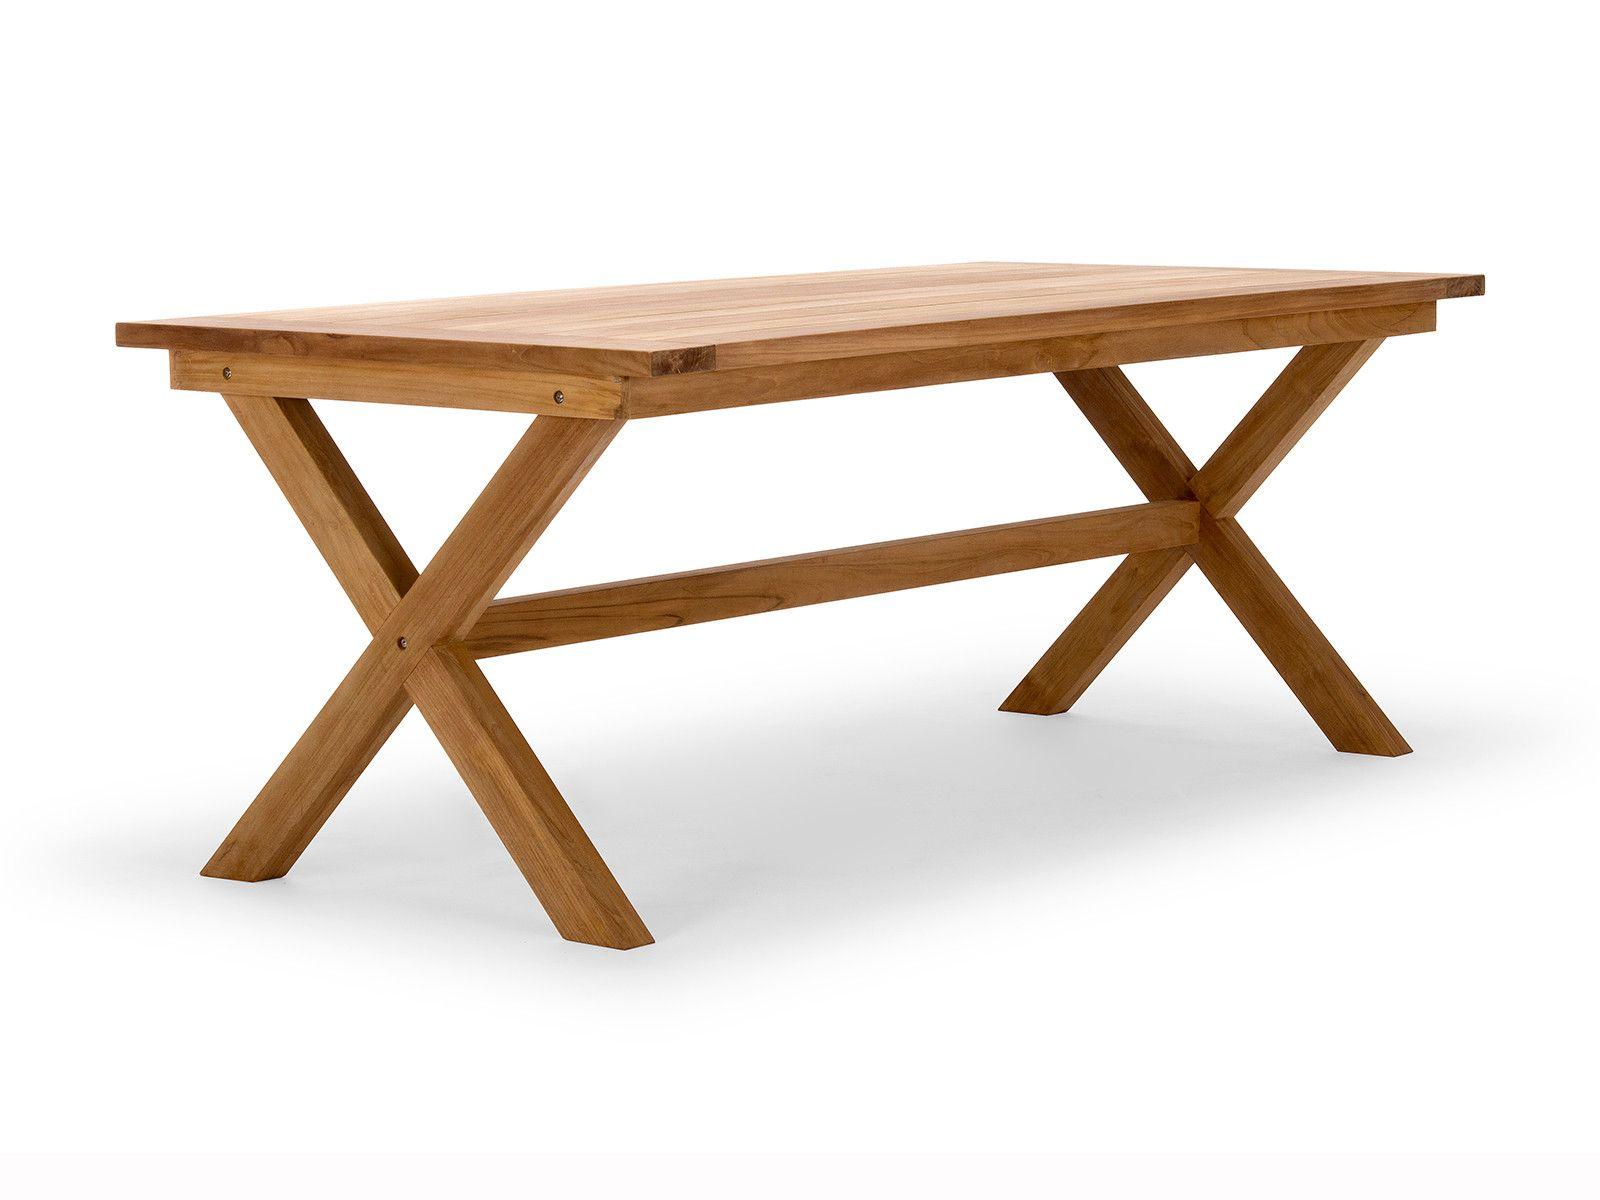 Gartentisch Greenvale 200x100 Teakholz Teak Holz Gartentisch